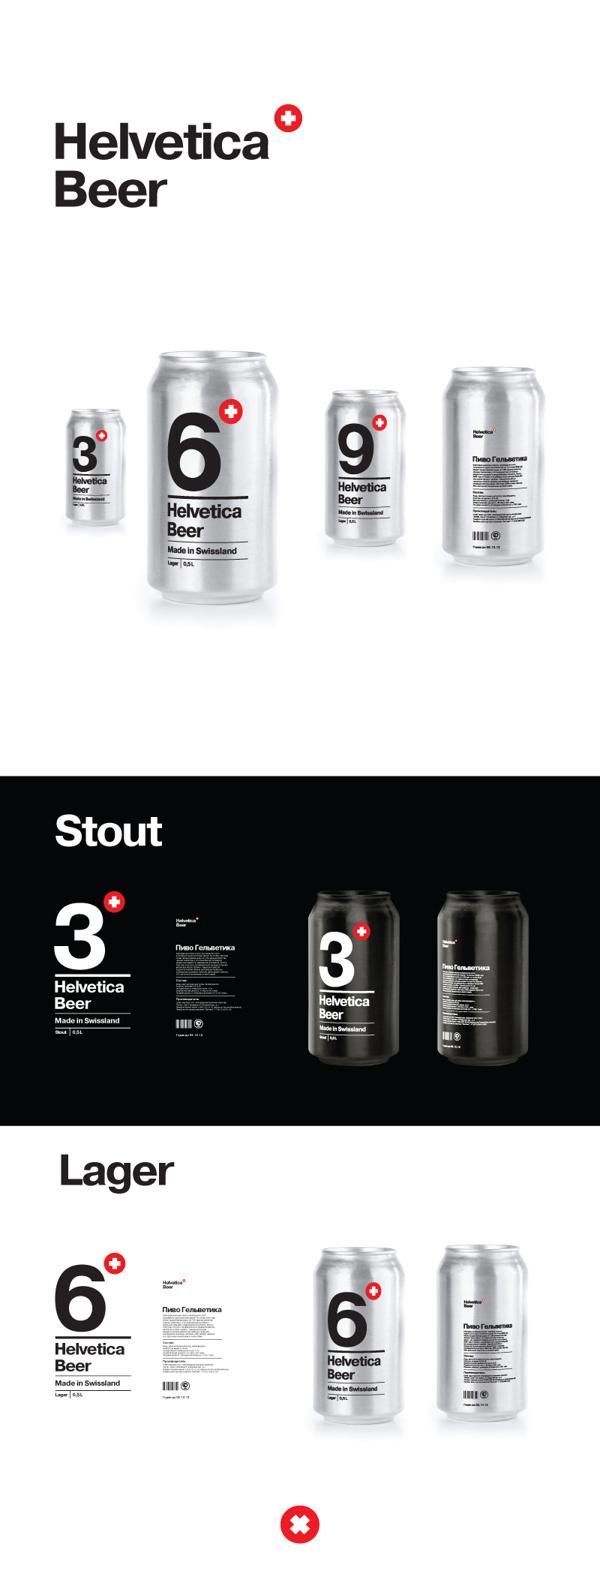 Helvetica Beer #beer #lager #packaging #helvetica #stout